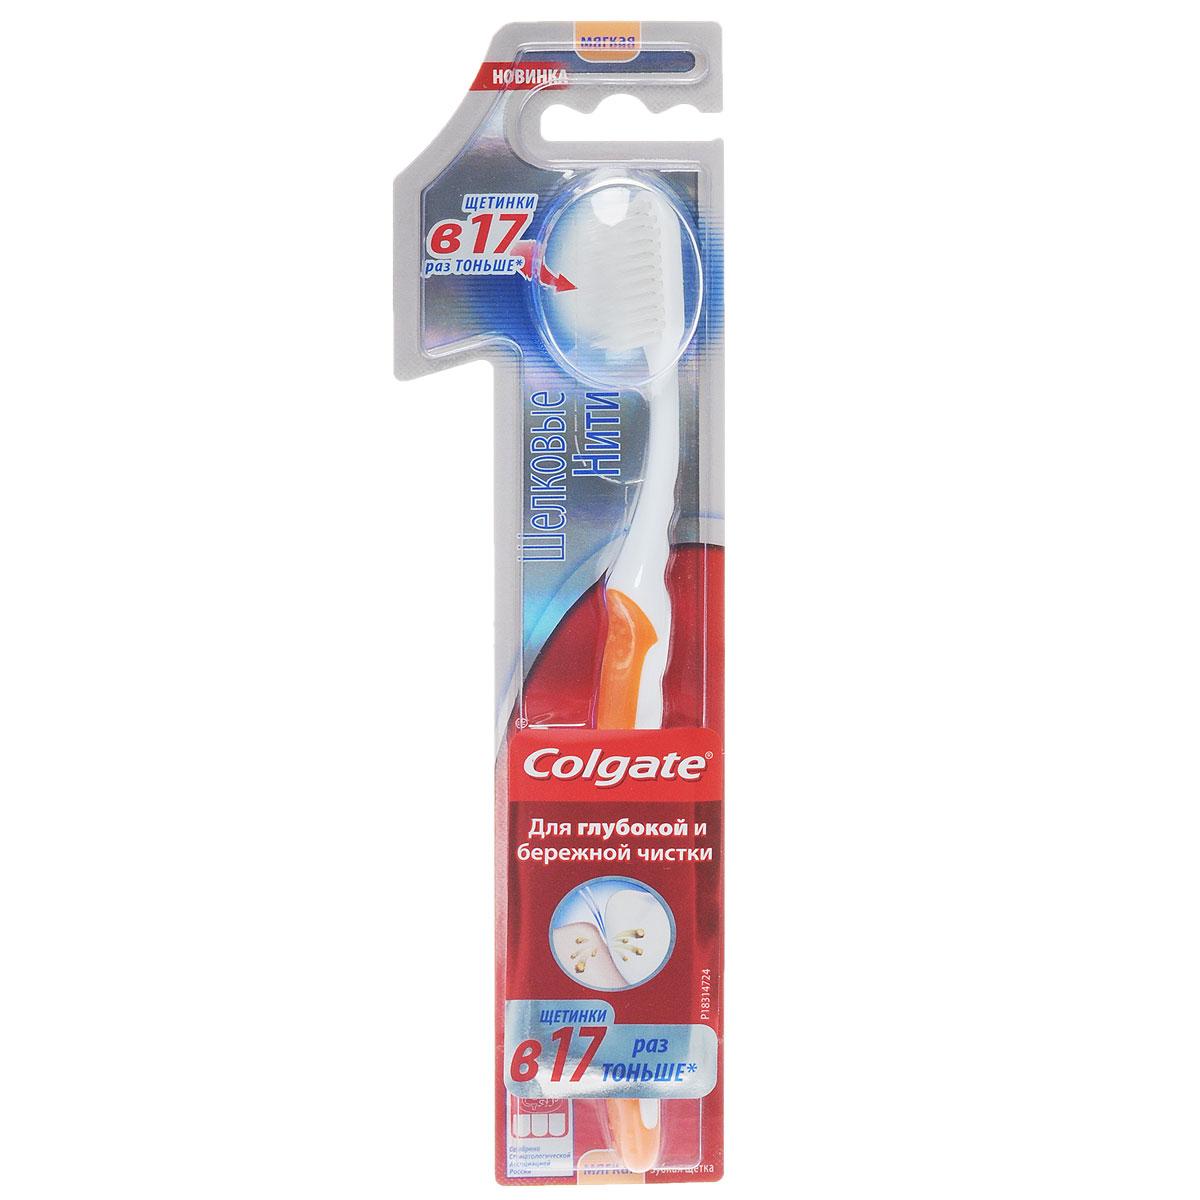 Colgate Зубная щетка Шелковые нити, с мягкой щетиной, цвет: оранжевый5010777139655Colgate Шелковые нити - зубная щетка с мягкой щетиной. Специально разработанные щетинки зубной щетки в 17 раз тоньше и лучше удаляют зубной налет, остатки пищи из межзубных промежутков и вдоль линии десен.Эргономичная рифленая ручка не скользит в ладони, амортизирует давление руки на нежную поверхность десен. Товар сертифицирован. Длина щетки: 19,5 см.Размер рабочей поверхности: 3 см х 1,5 см.Материал: пластик.